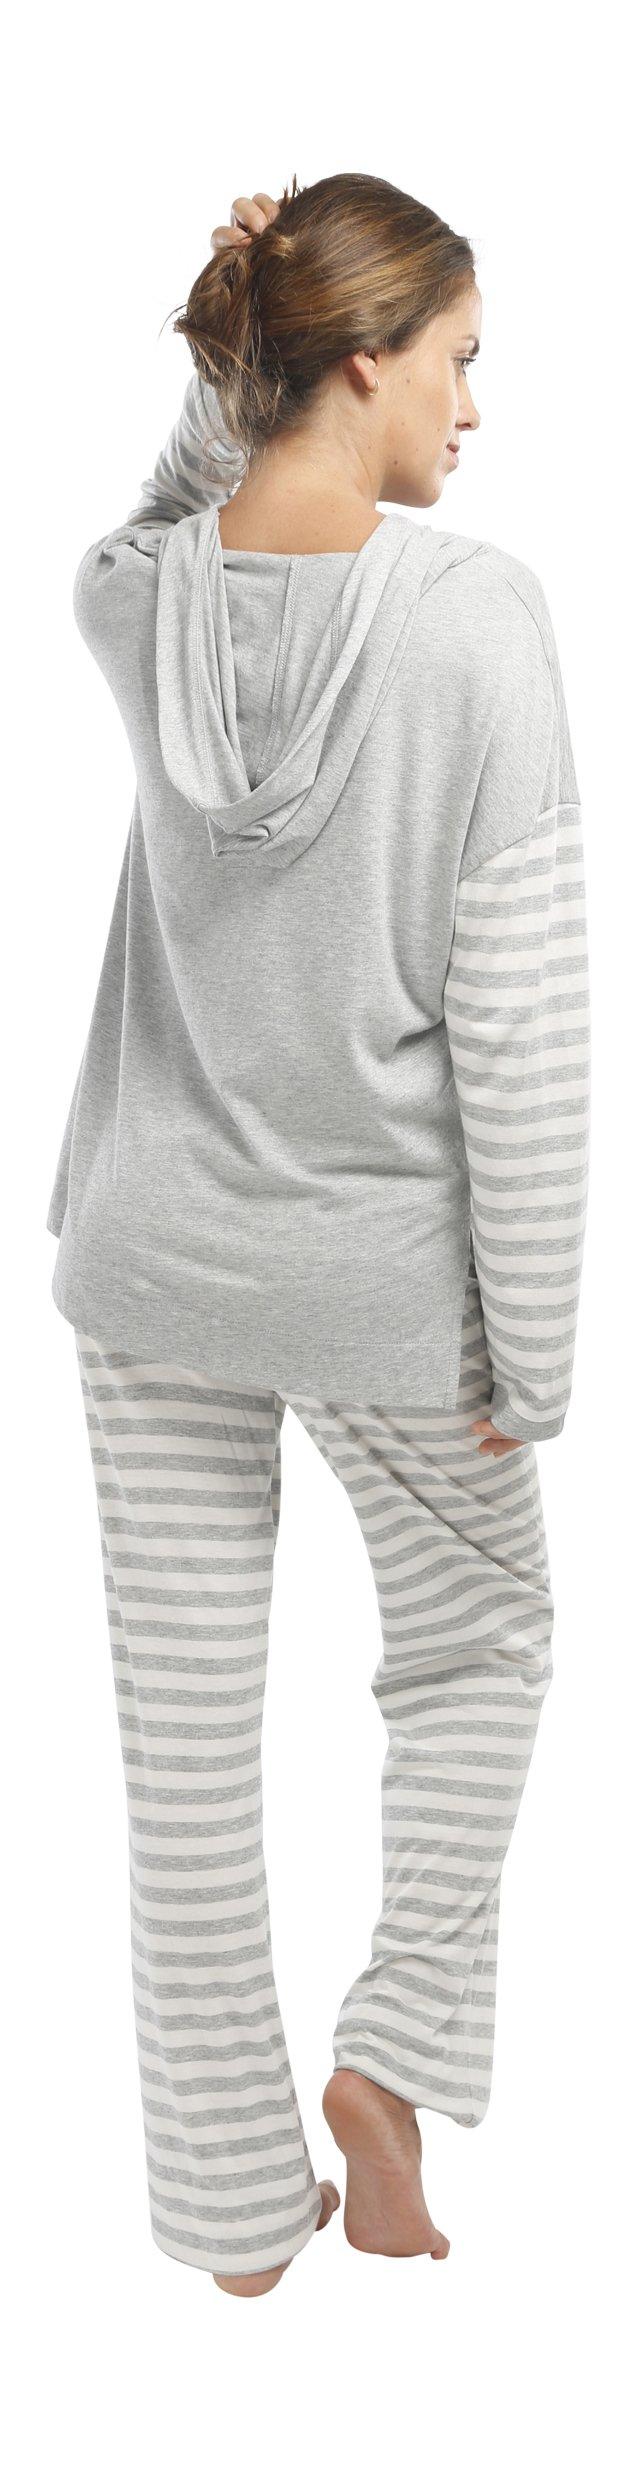 jijamas Incredibly Soft Pima Cotton Women's Pajama Set ''The Hoodie Set'' In Heather Grey by jijamas (Image #6)